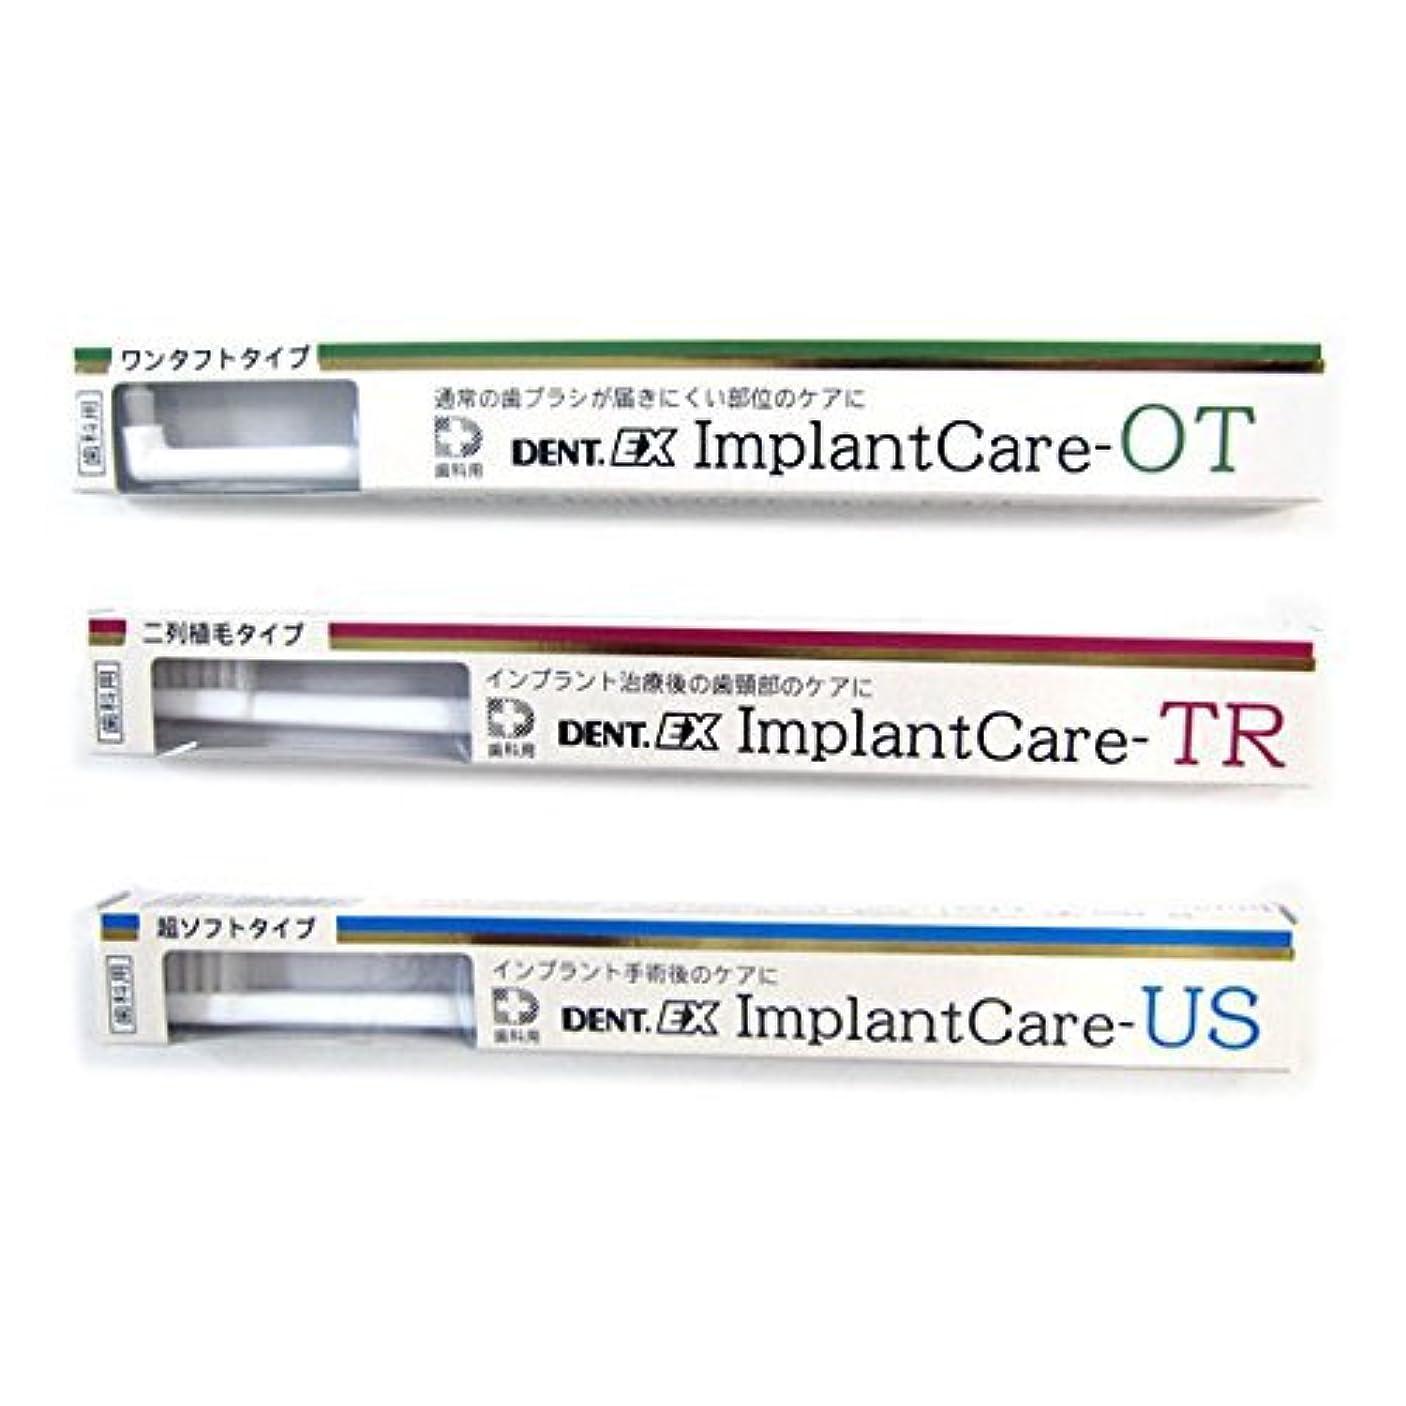 南発音革命的デント DENT EX ImplantCare インプラントケア 単品 OT(ワンタフト)